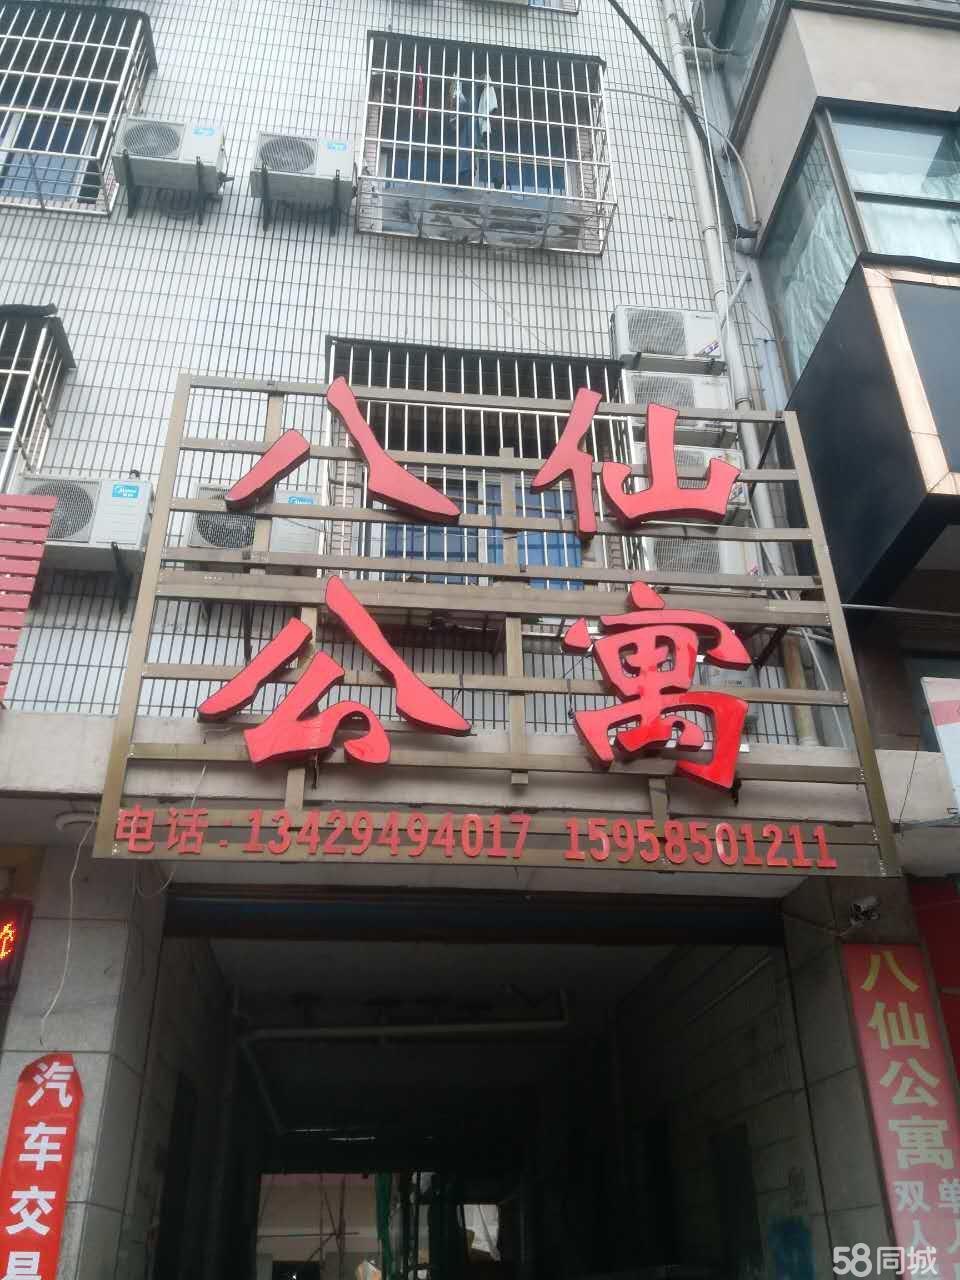 上虞八仙公寓1室1廳40平米豪華裝修押一付一